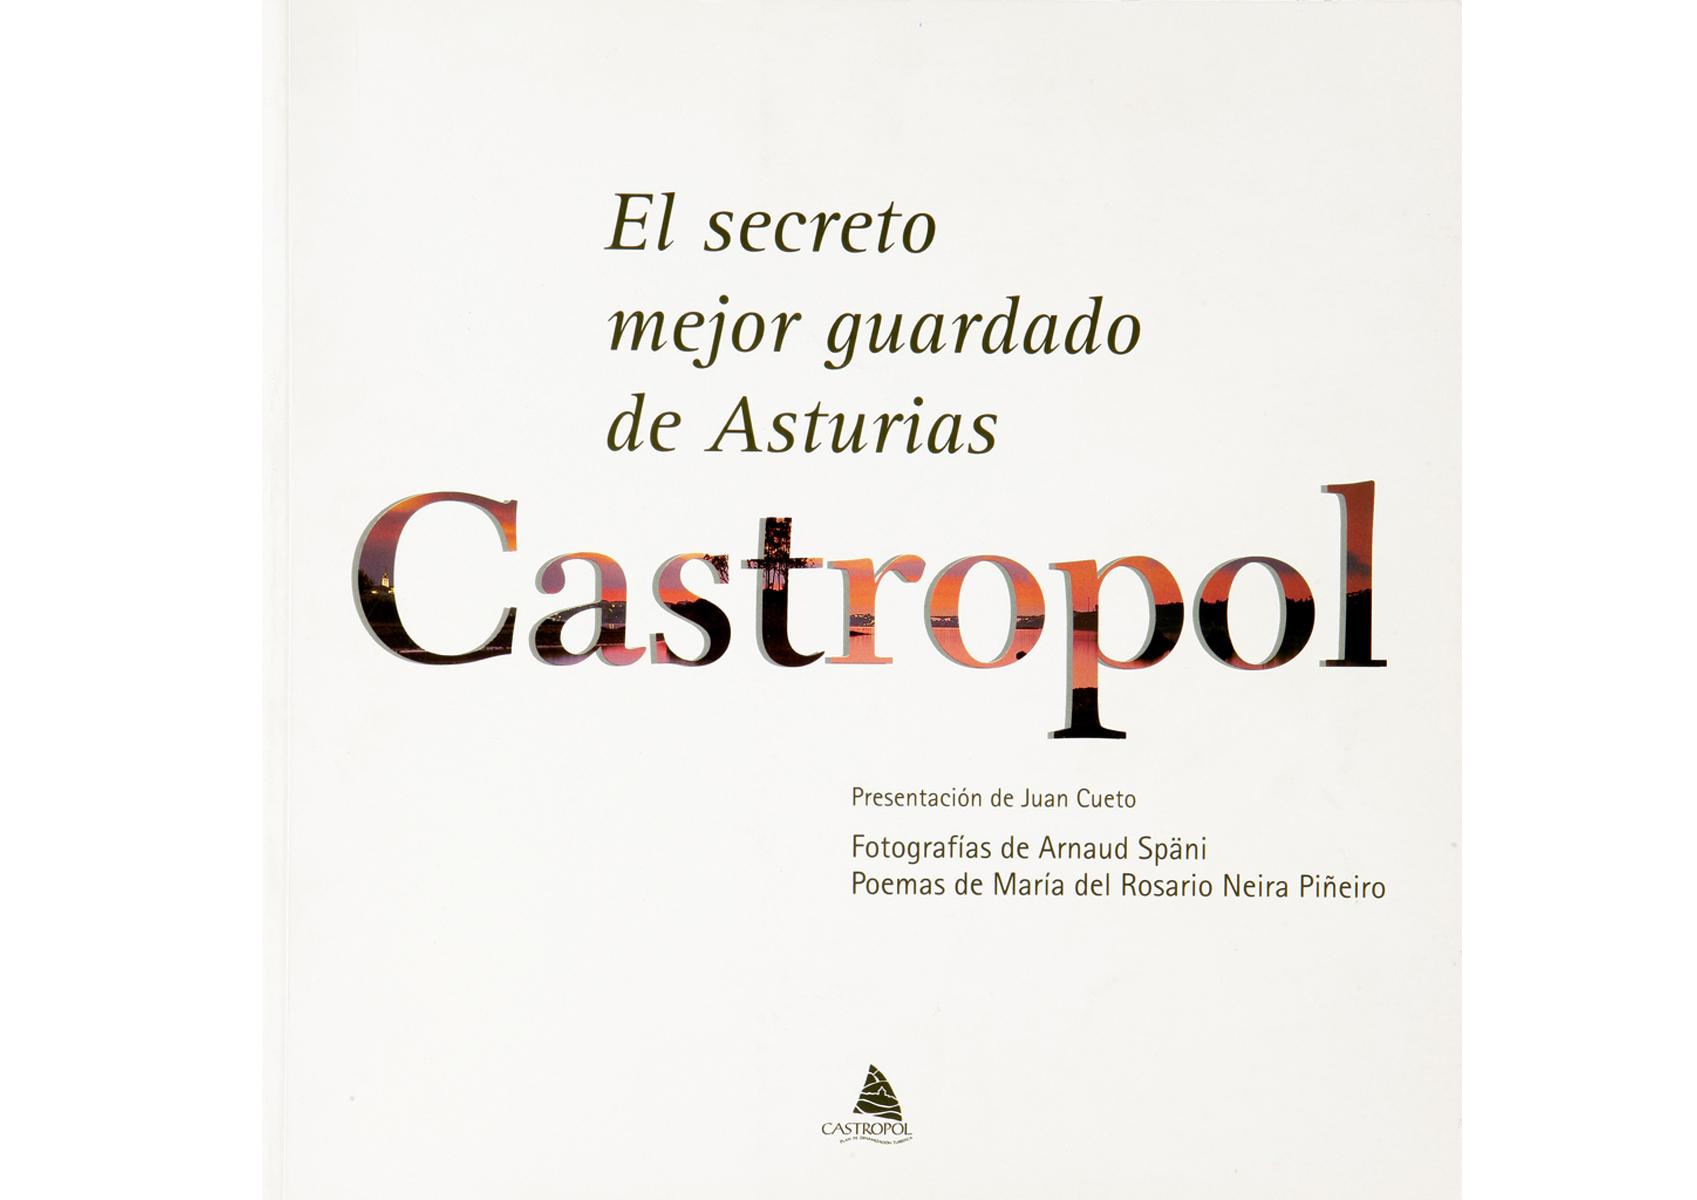 el secreto mejor guardado de asturias